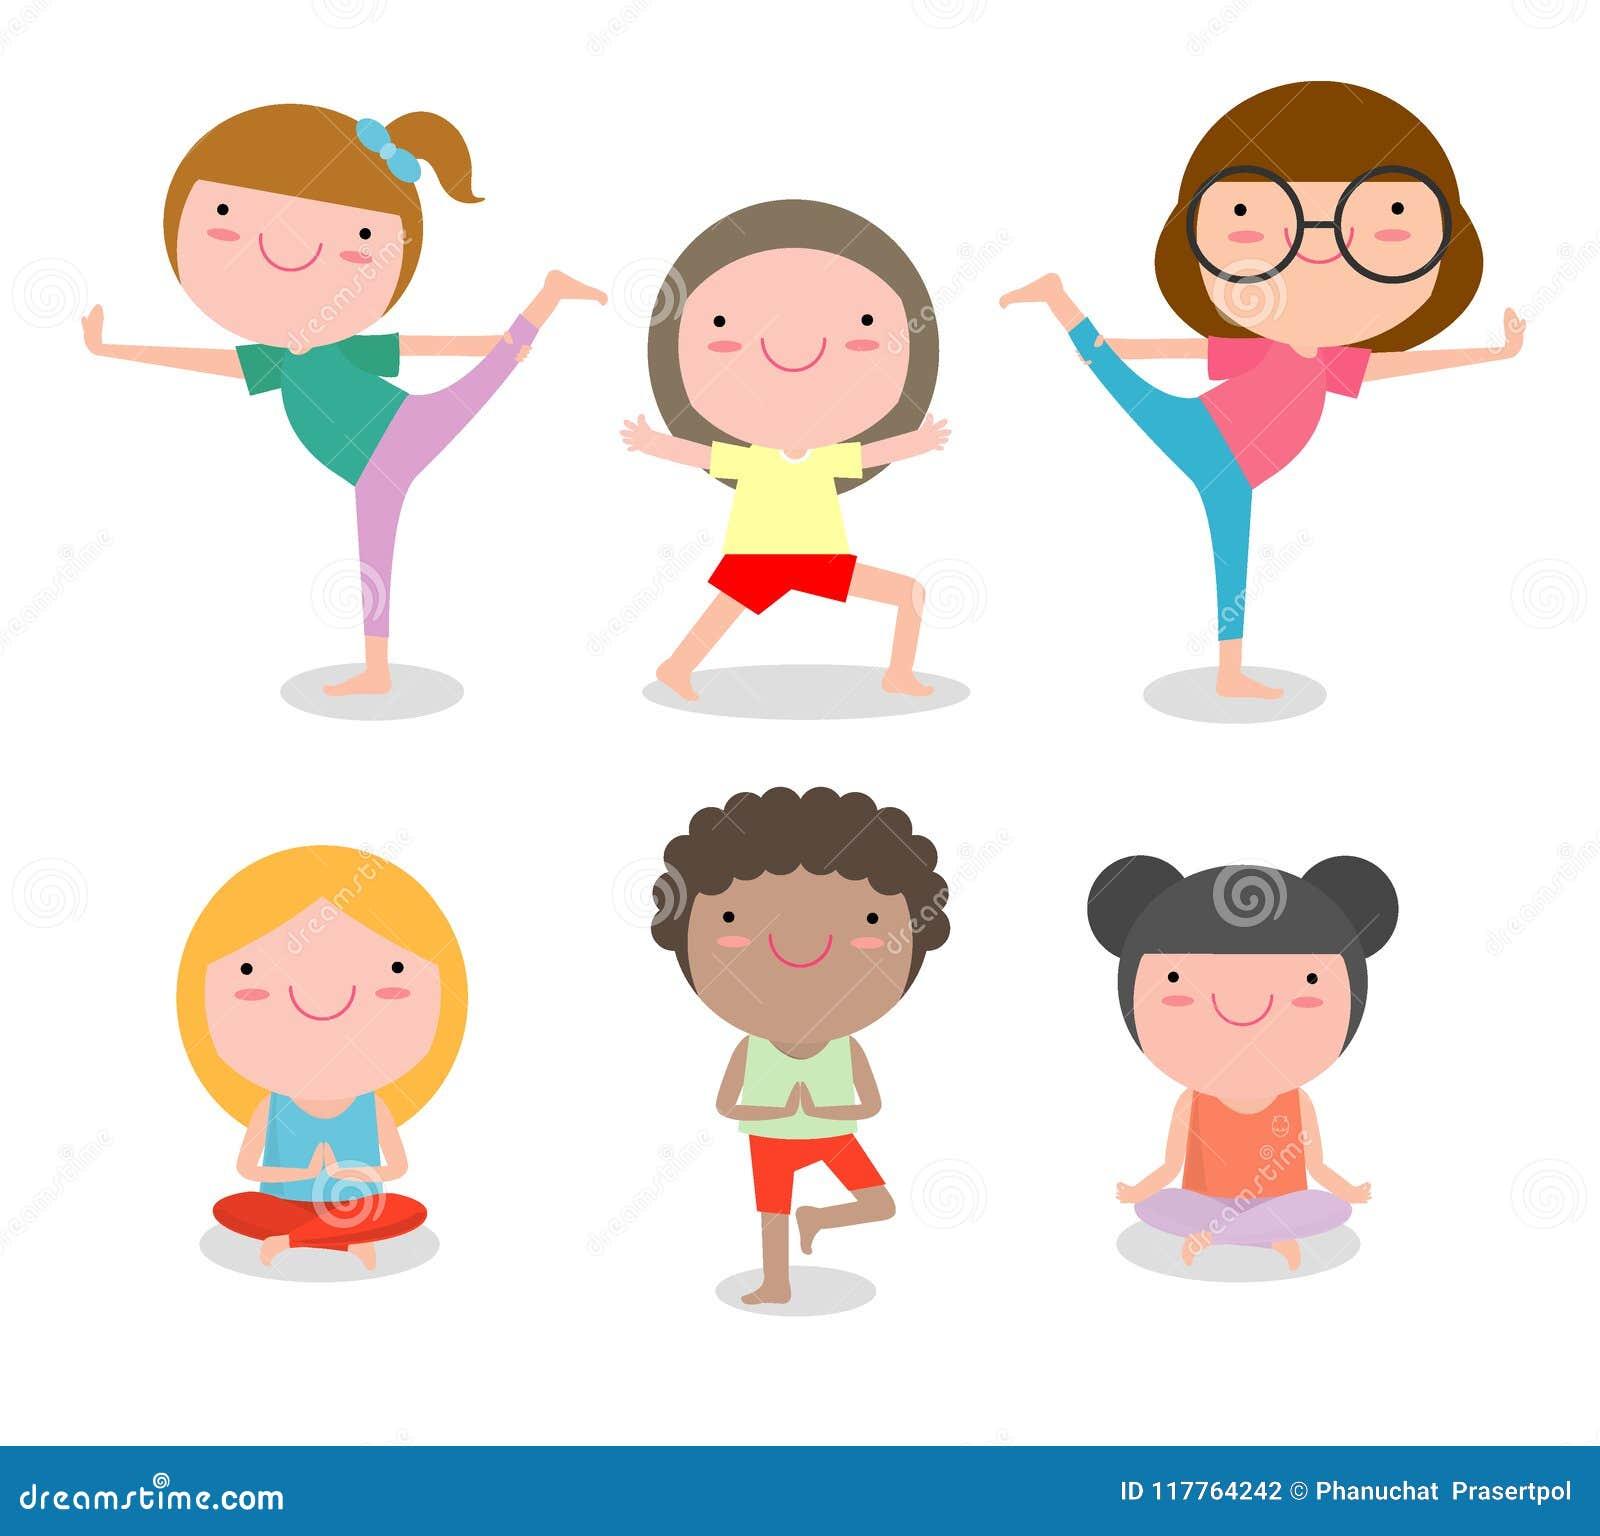 Children Yoga Stock Illustrations 3 319 Children Yoga Stock Illustrations Vectors Clipart Dreamstime